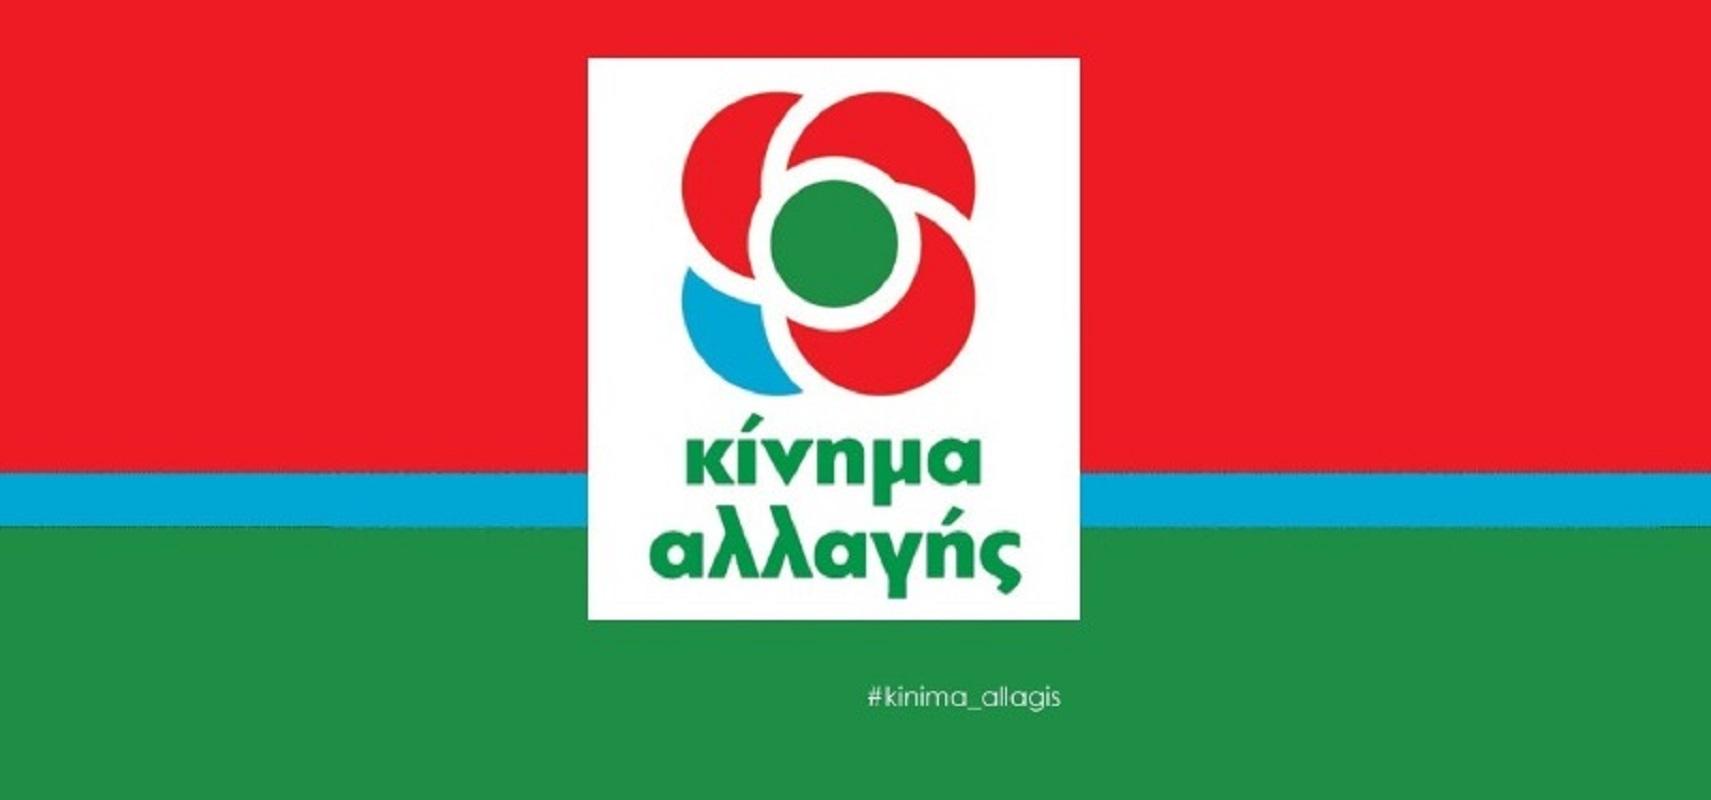 Φώφη Γεννηματά: Νέα εθνική στρατηγική για την Τουρκική επιθετικότητα (Βίντεο) @fofigennimata @kinimallagis @pasok